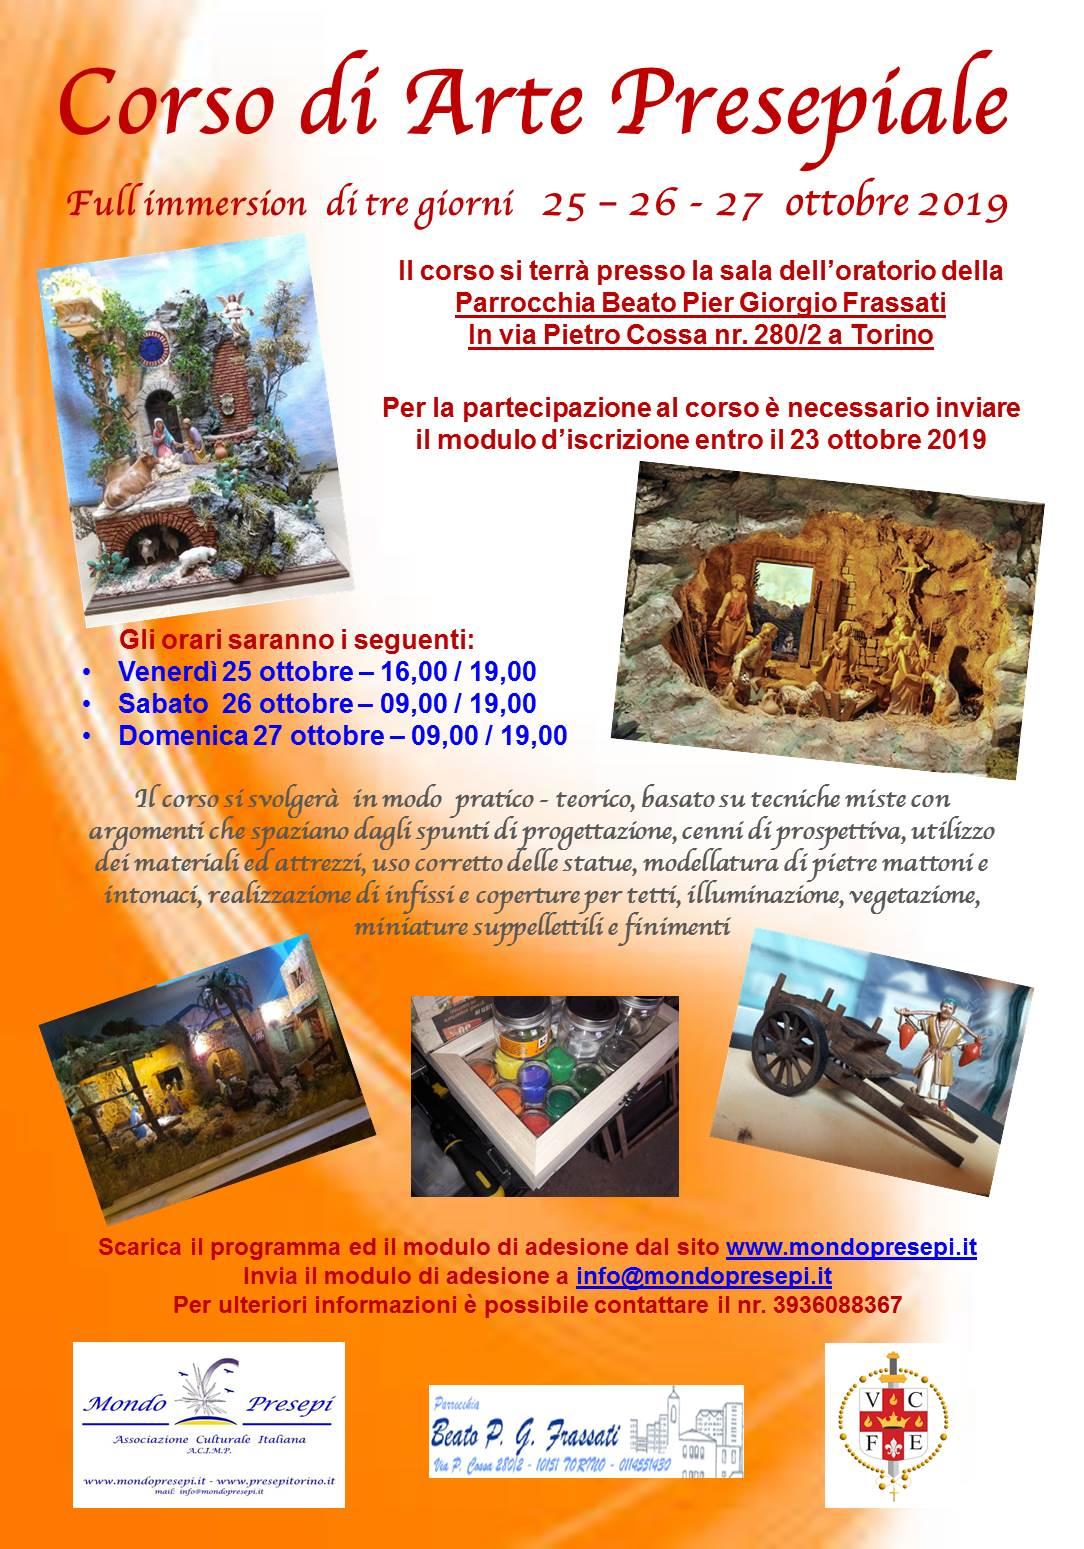 Corso di Arte Presepiale 25-26-27 Ottobre 2019